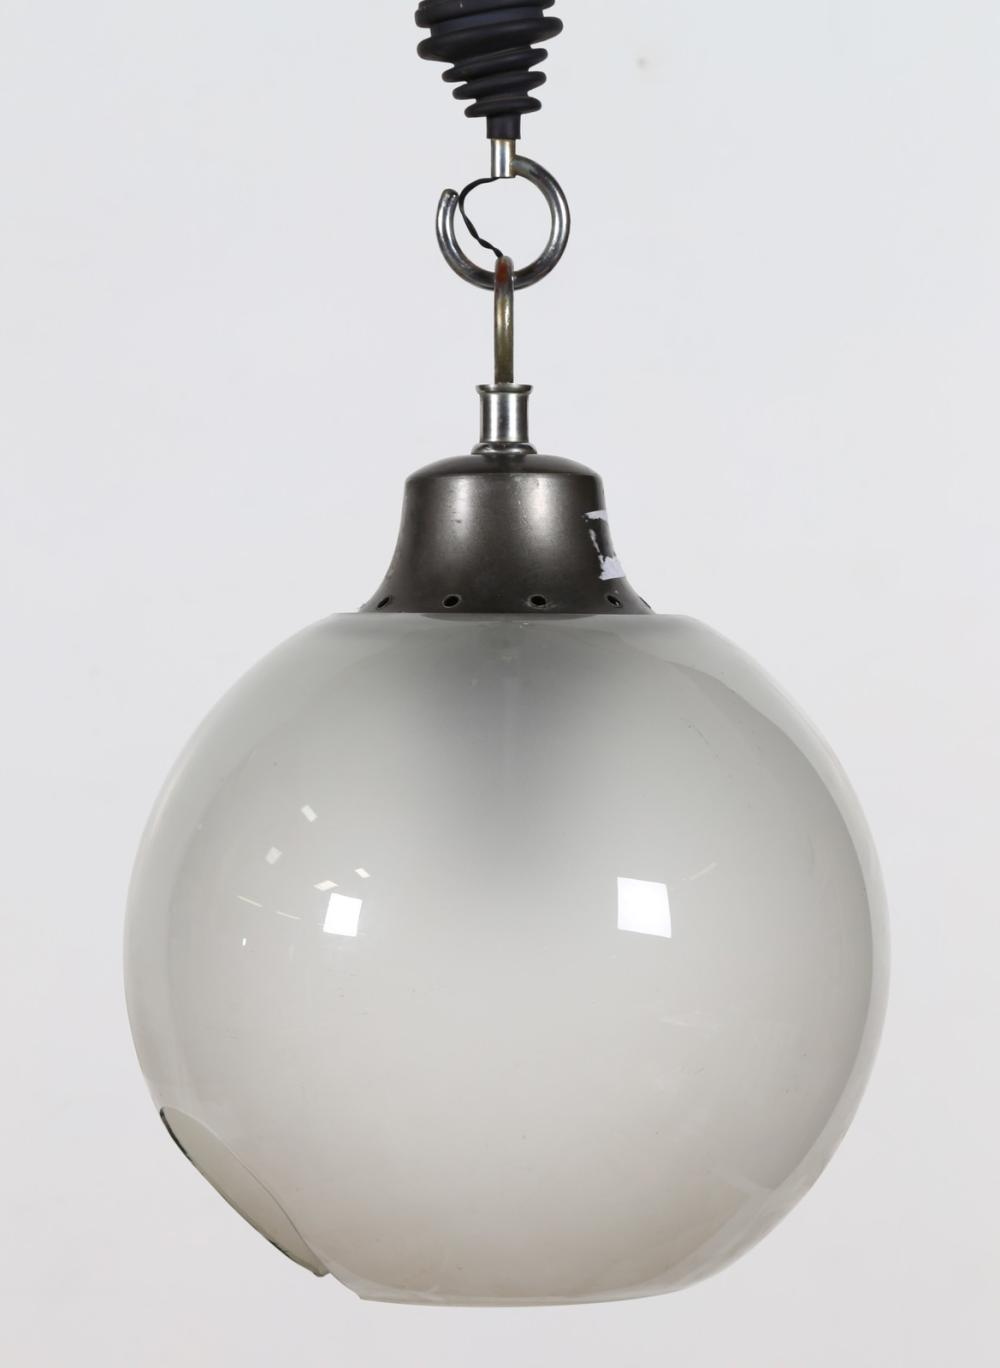 CACCIA DOMINIONI LUIGI (n. 1913) Ceiling lamp, mod. LS10